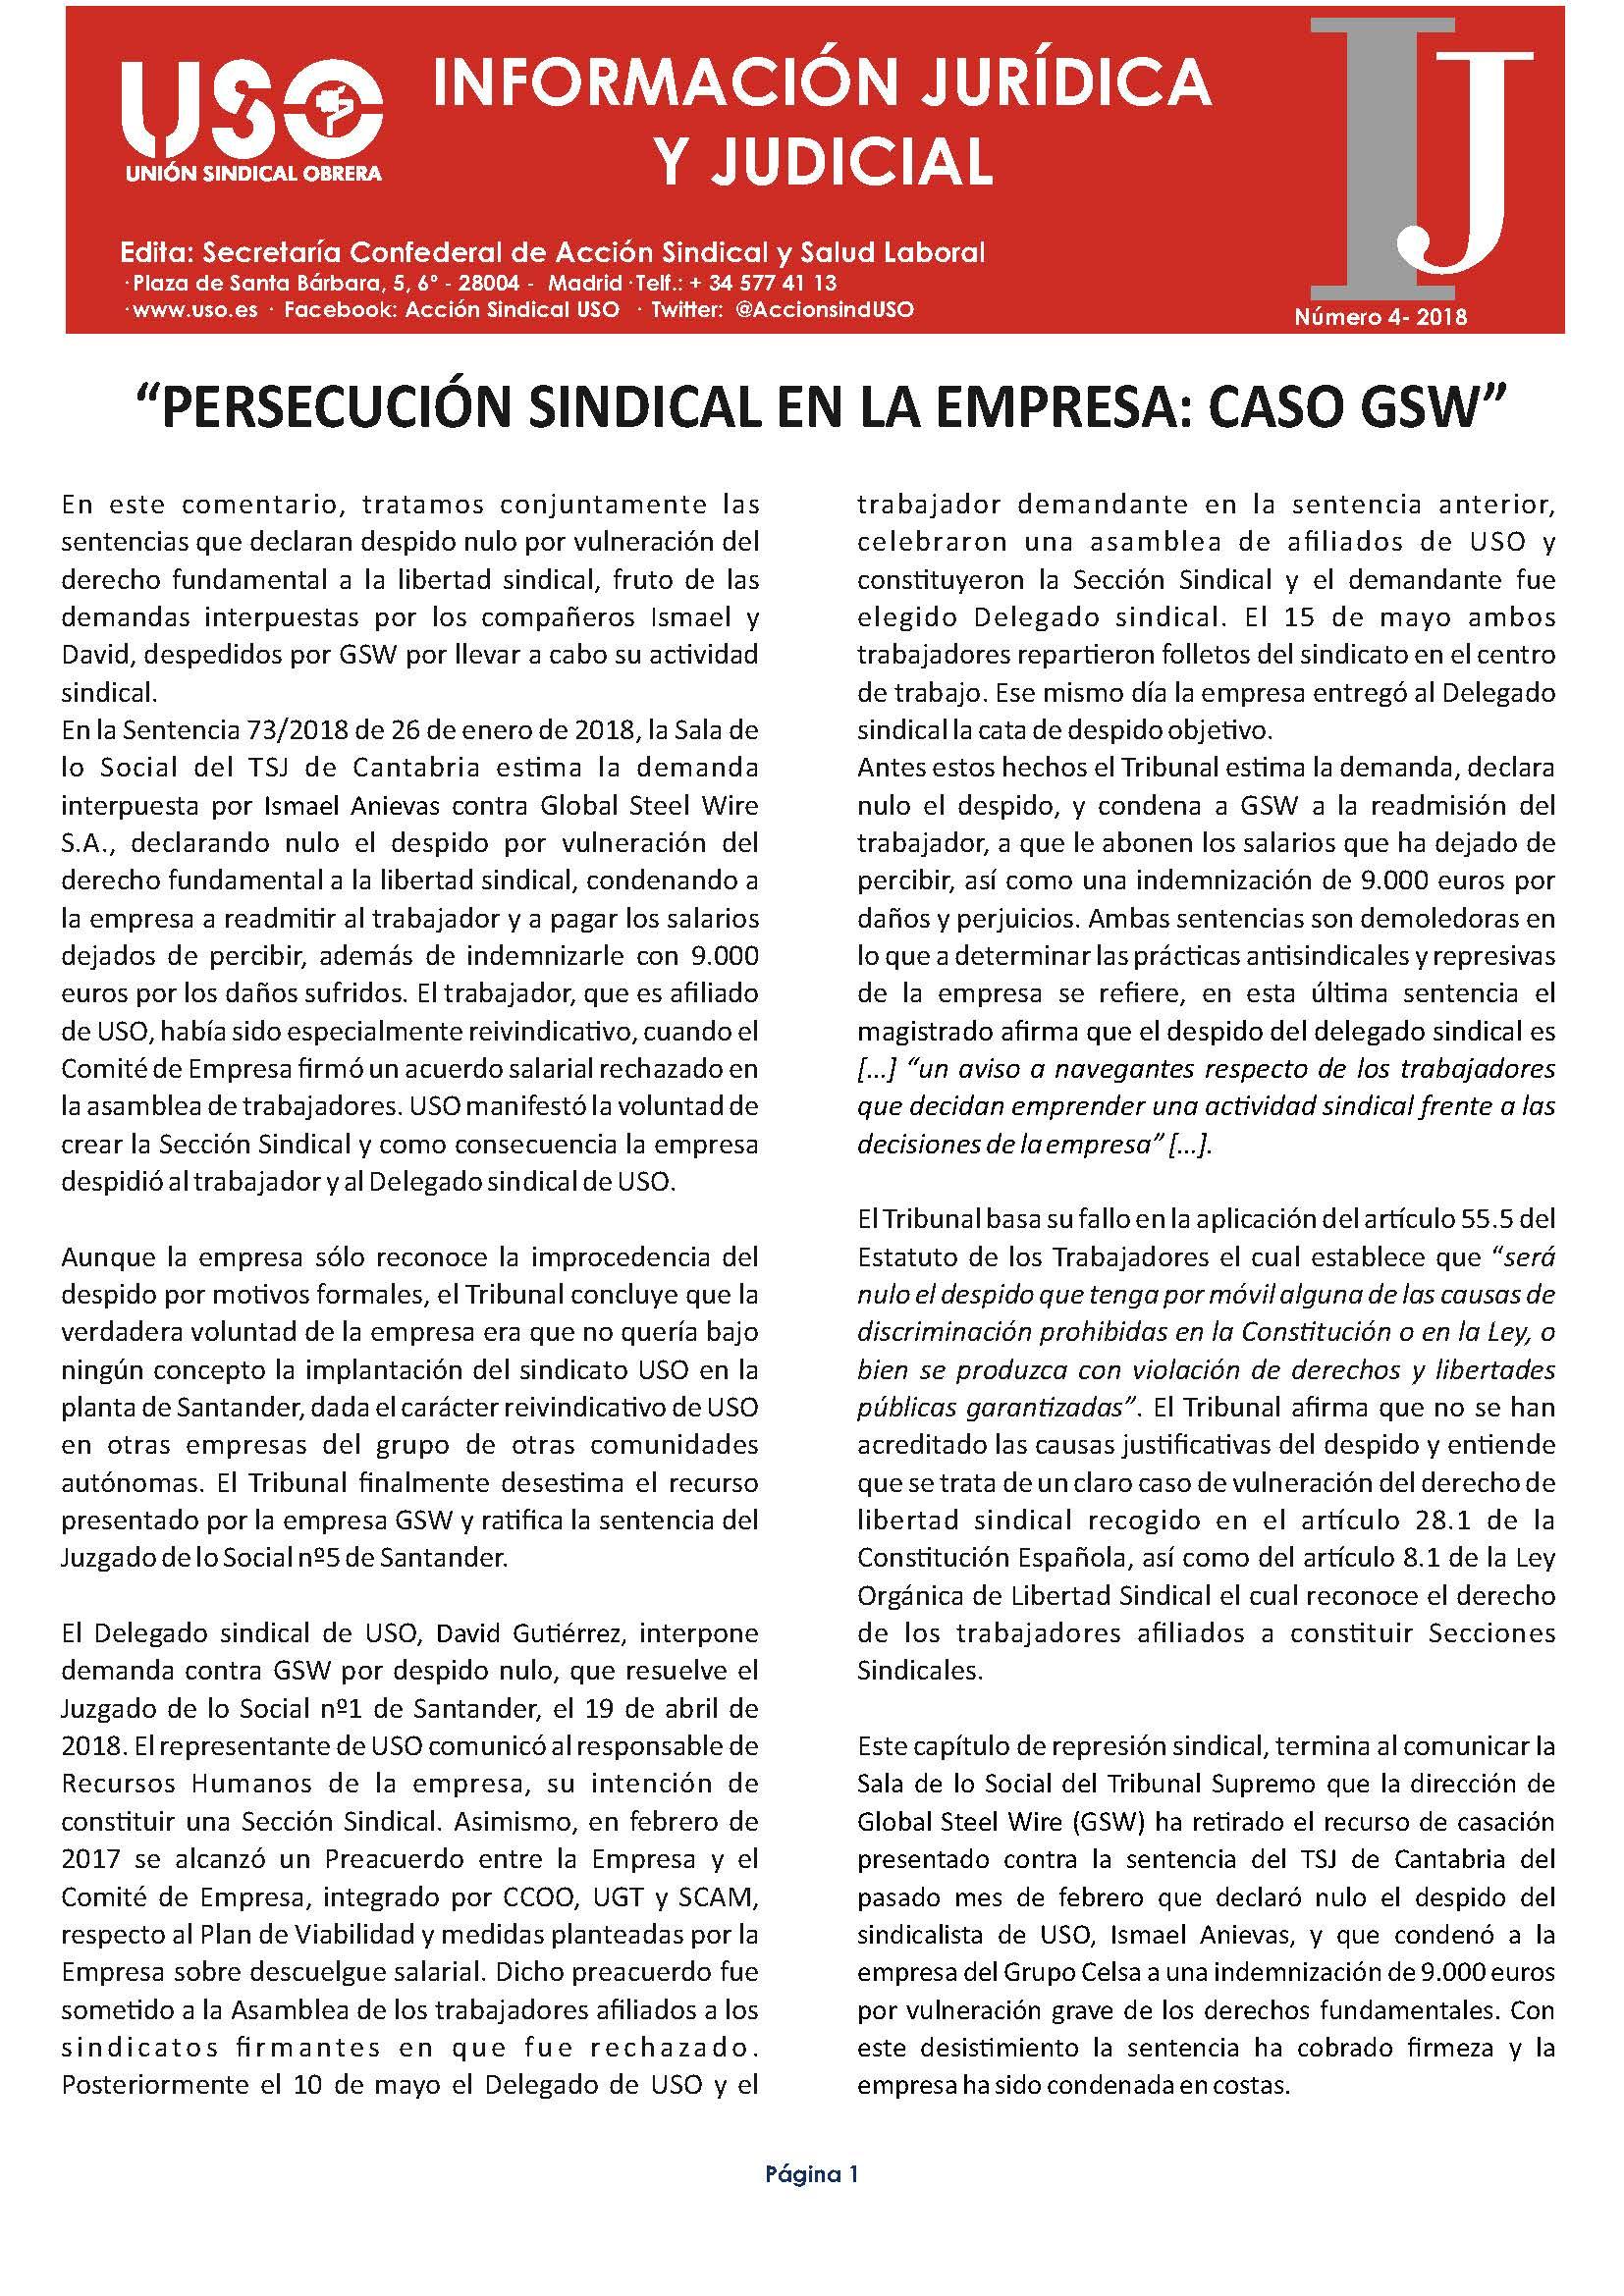 Información Jurídica y Judicial nº 4